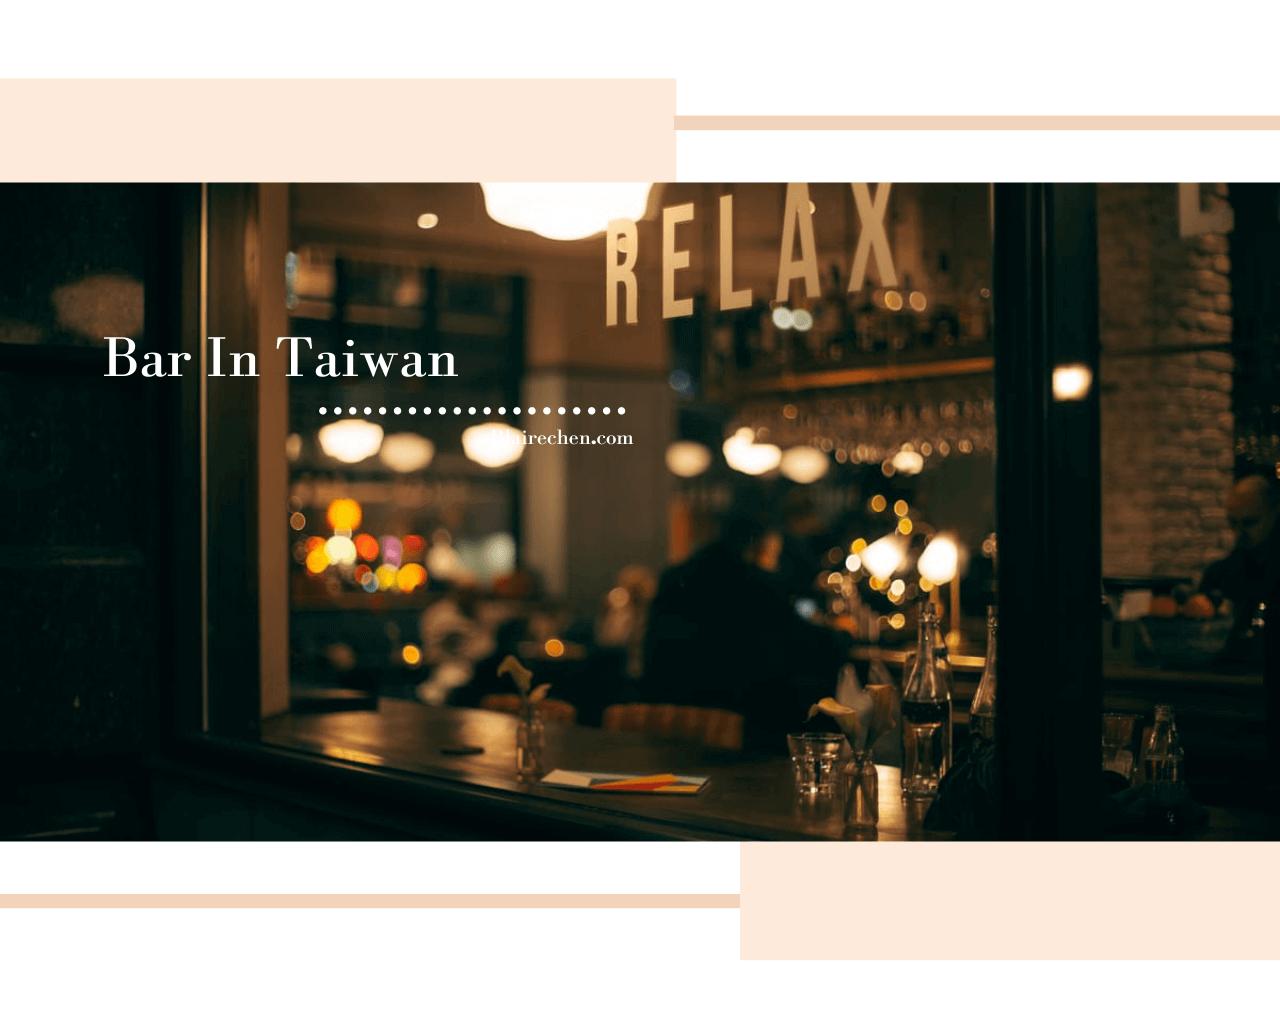 【酒吧推薦】|神祕私房酒吧,帶你享受微醺夜晚時光,一起喝一杯吧!